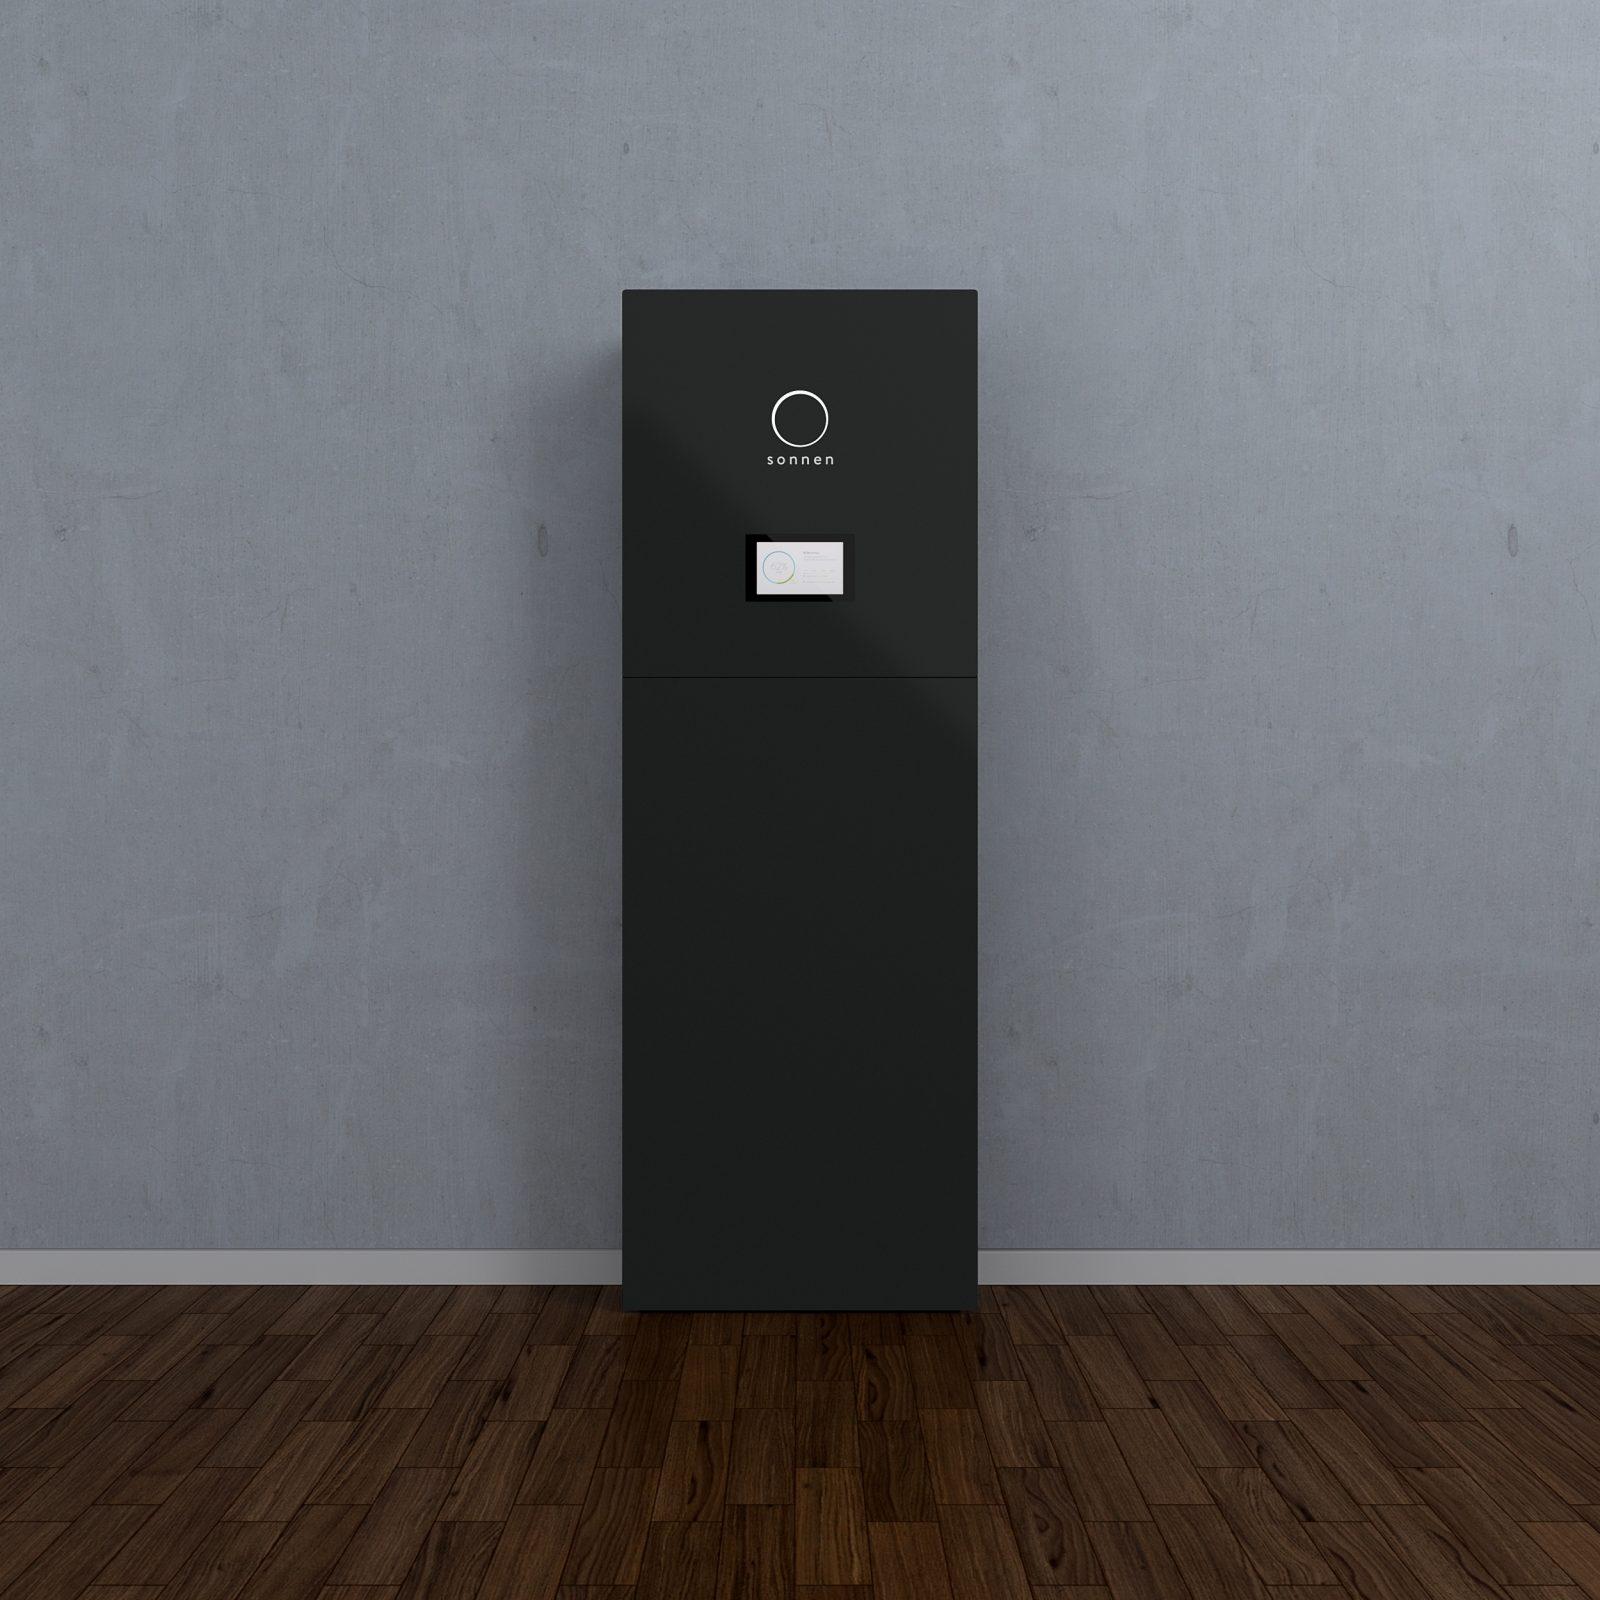 sonnenbatterie_8_16_front_black_d-1